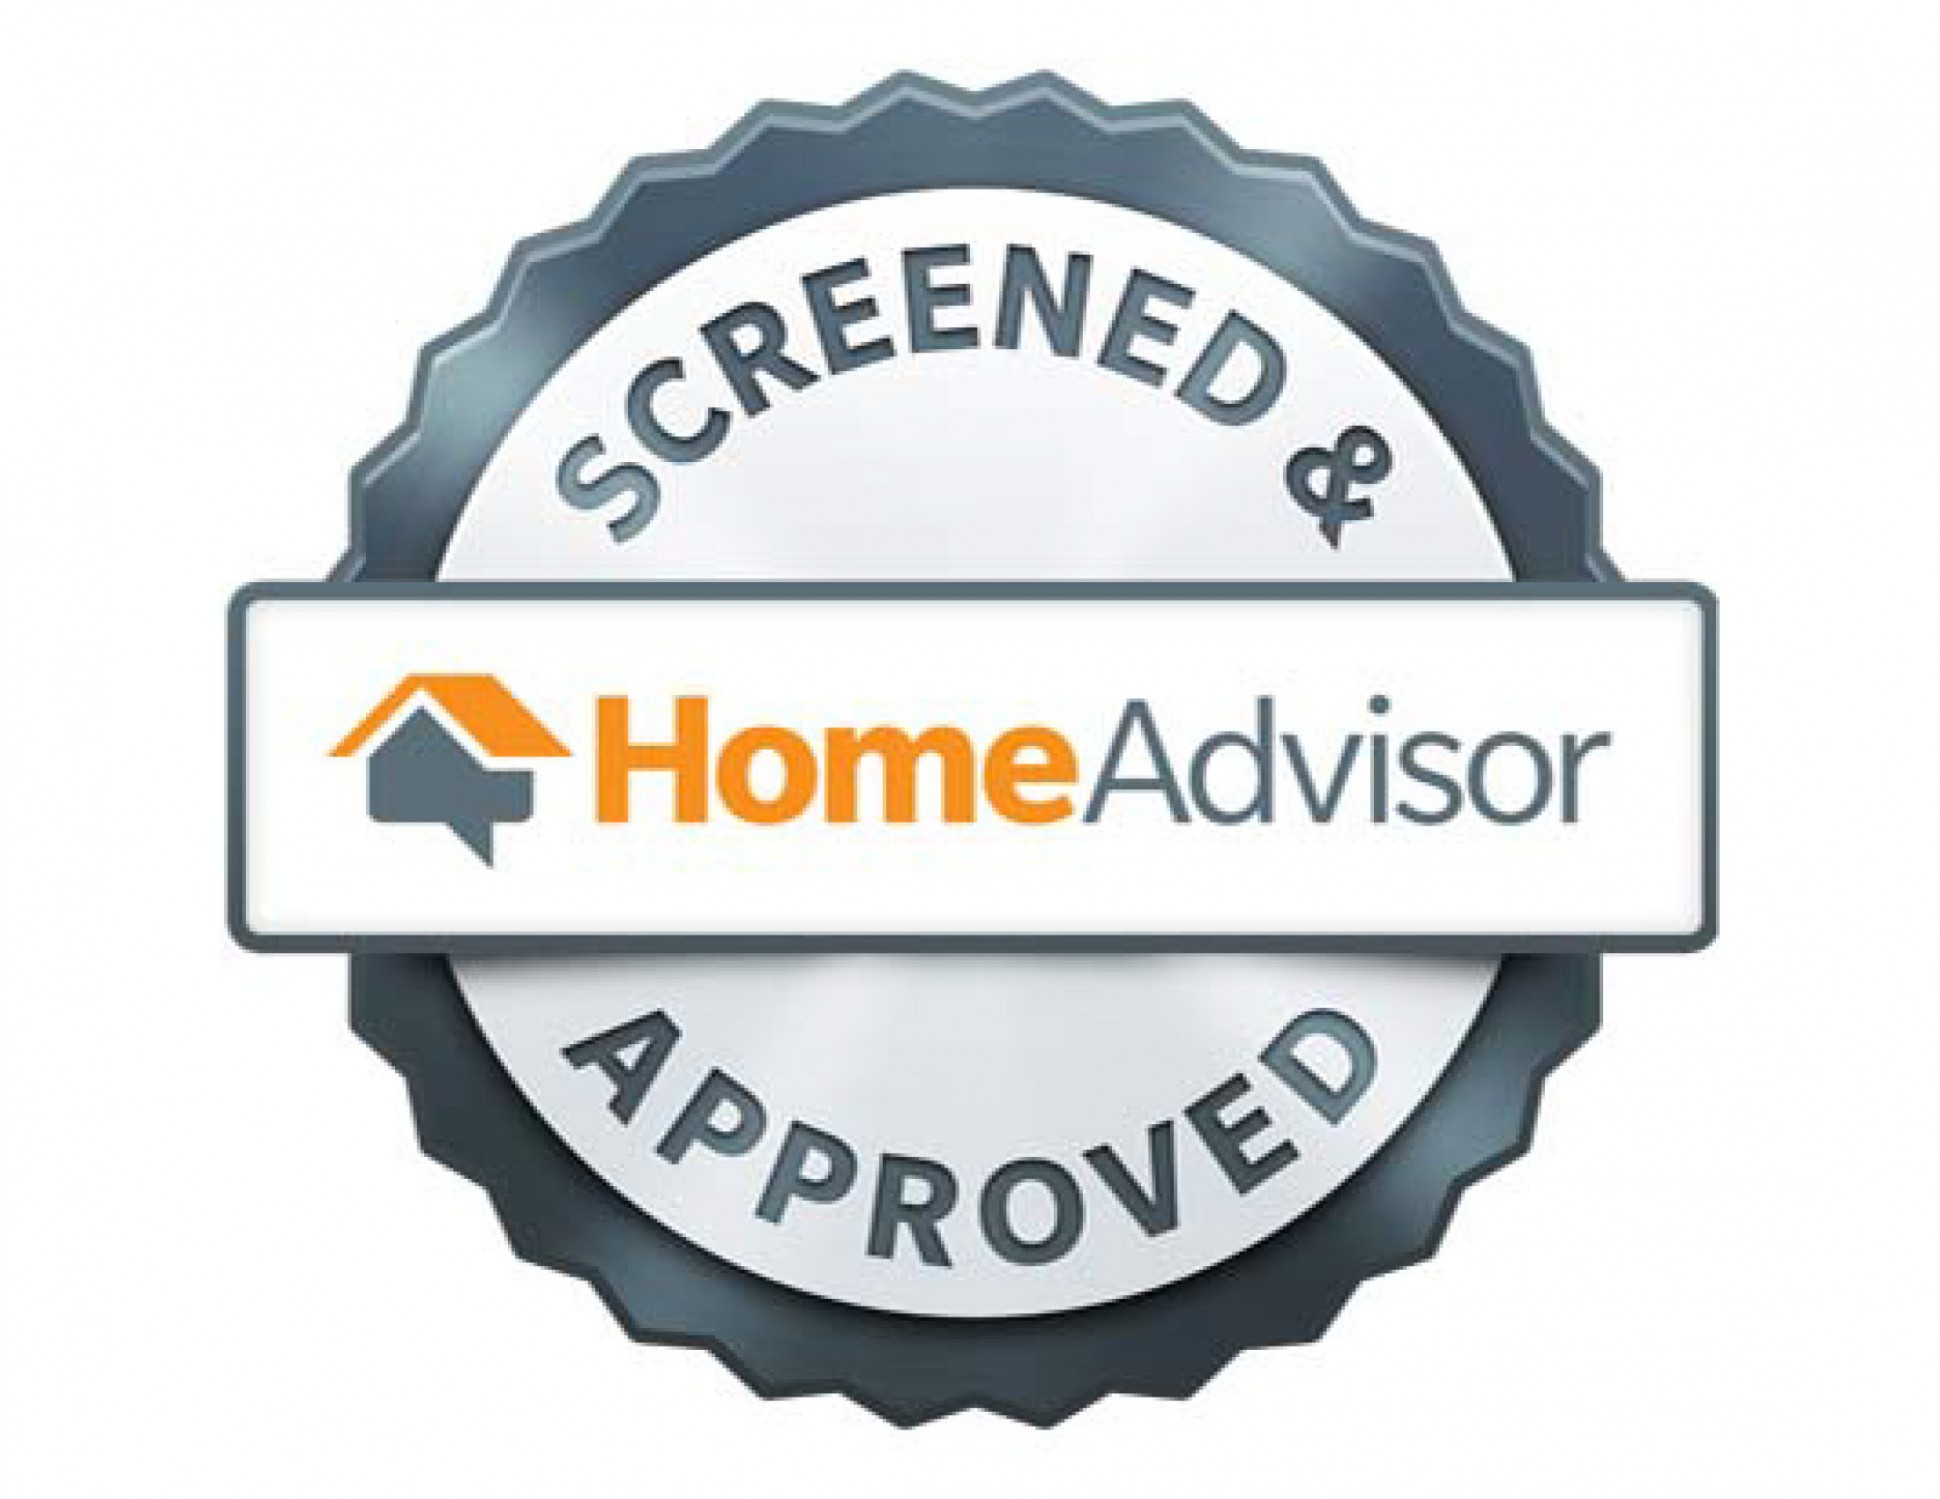 HomeAdvisor_logo-1940x1499.jpg